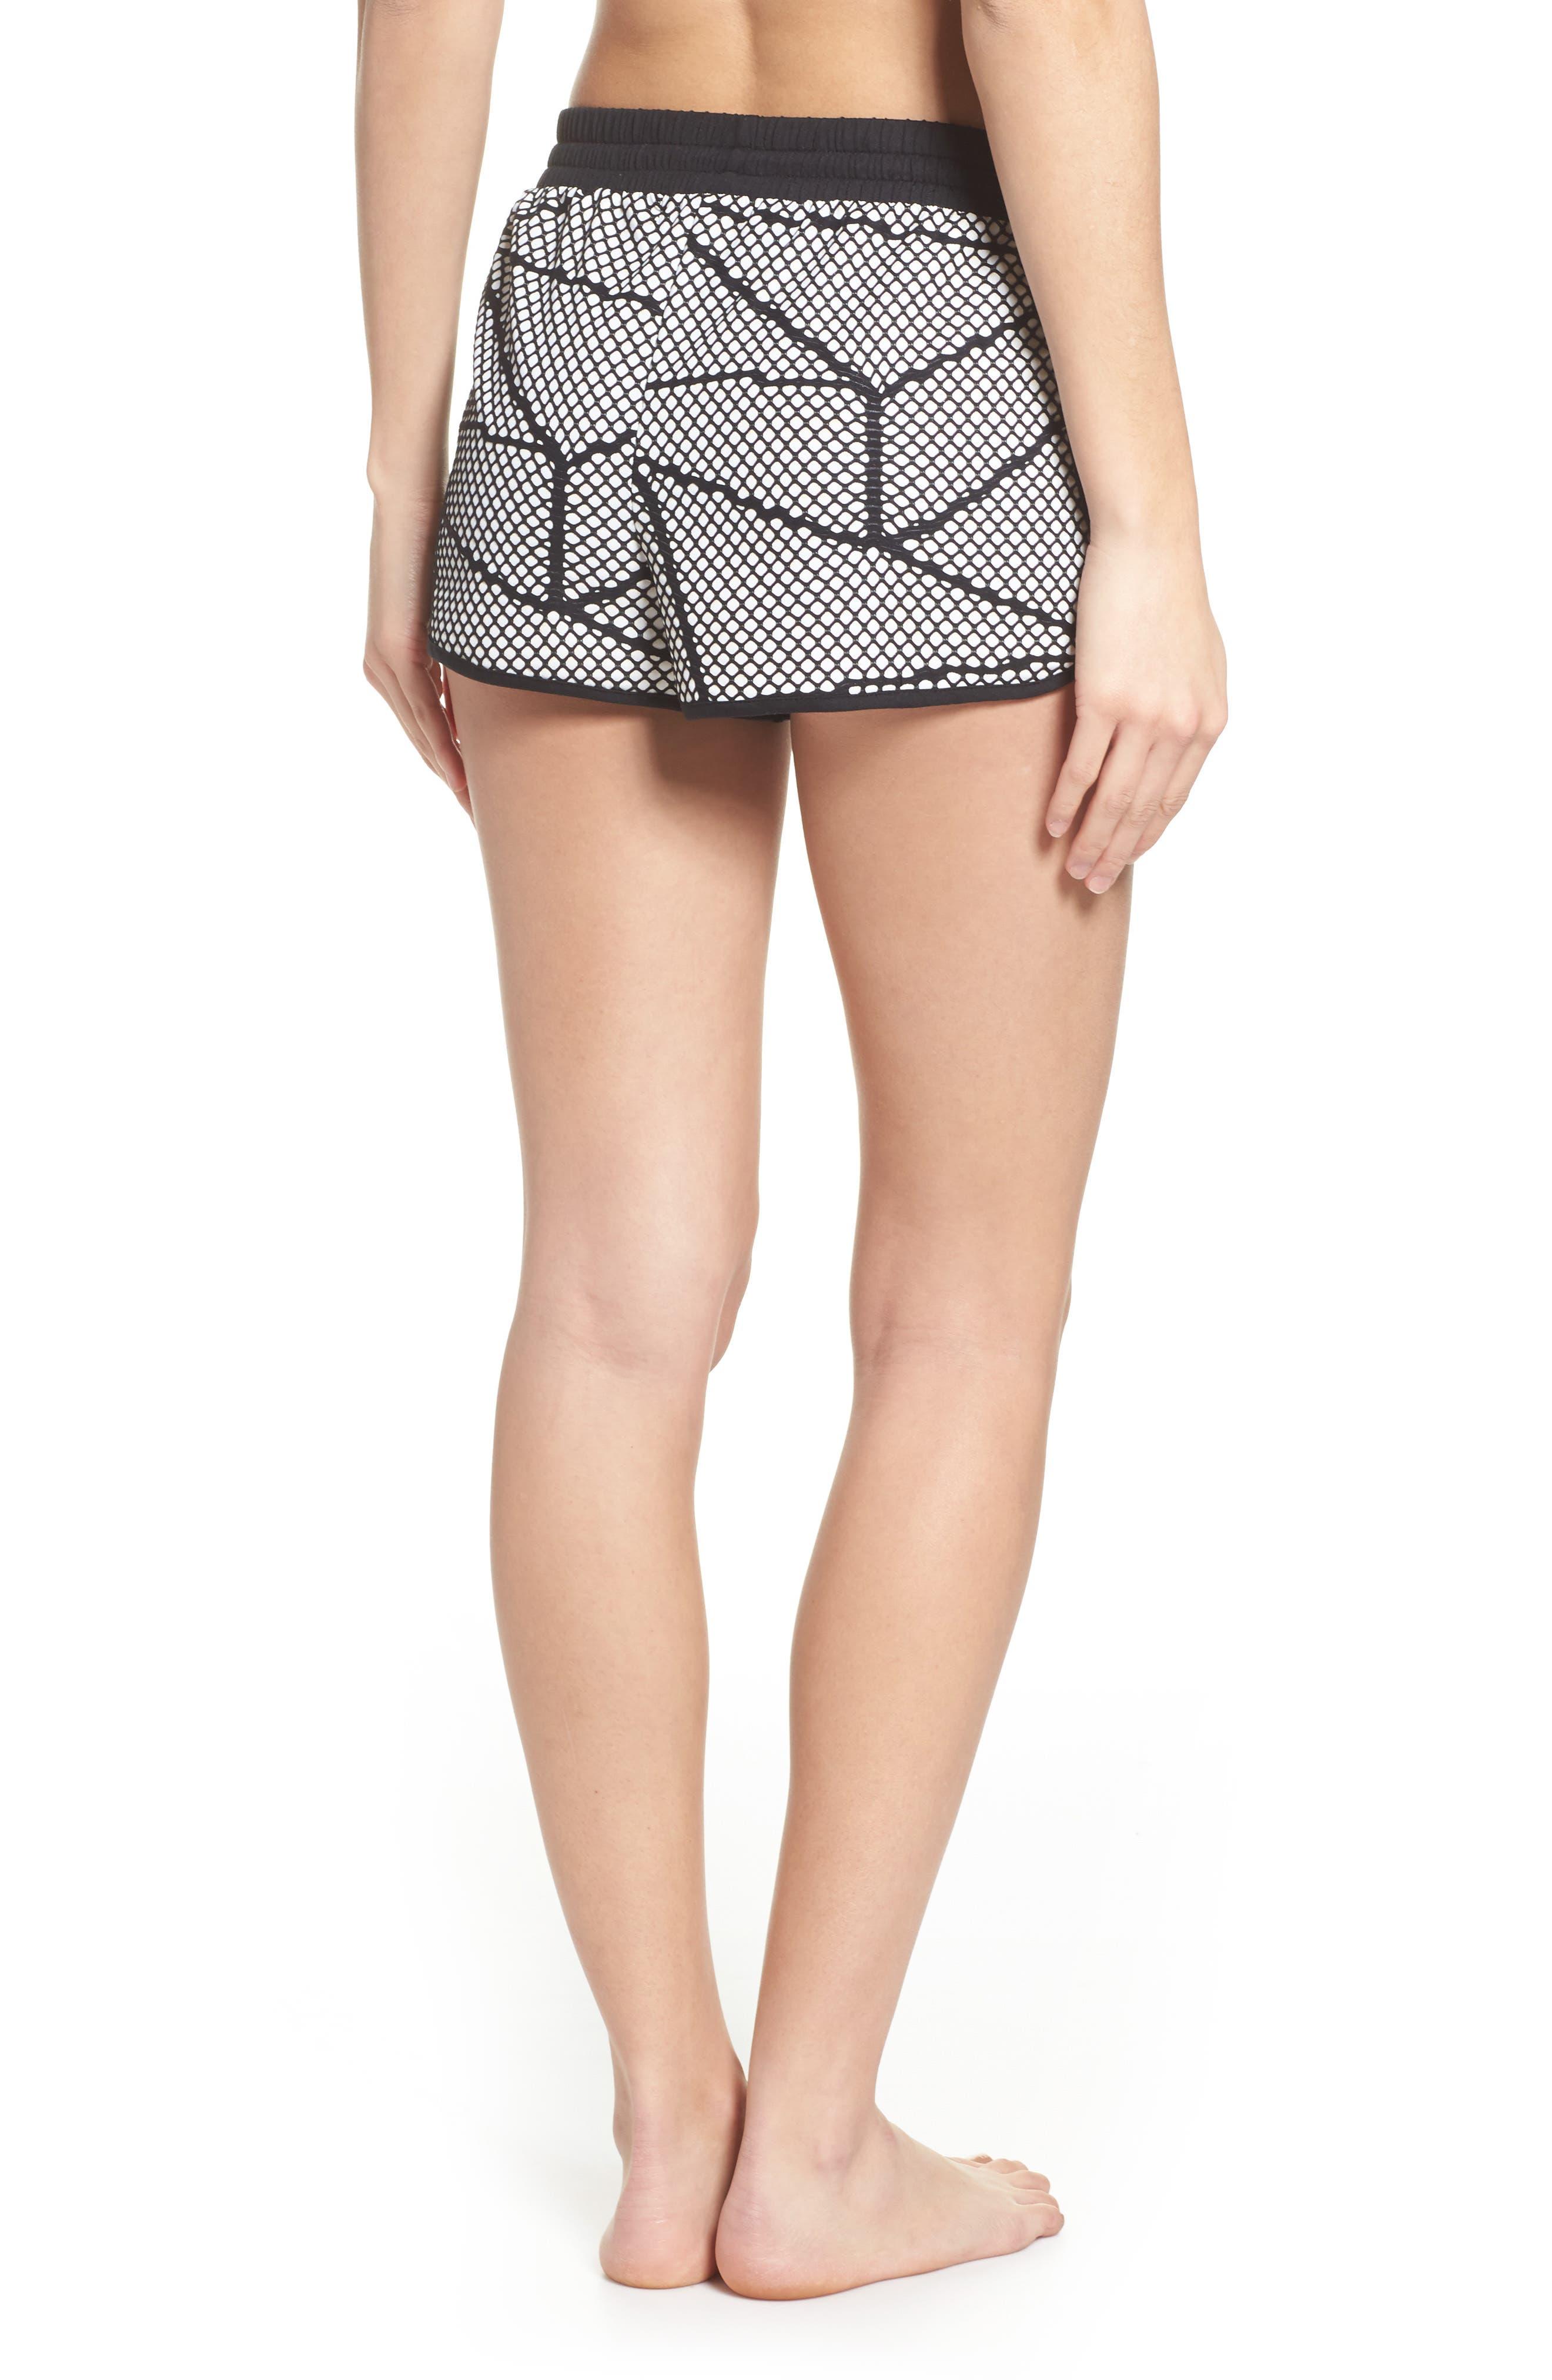 Chromatic Shorts,                             Alternate thumbnail 2, color,                             Cr5048 Black-White Chromatic